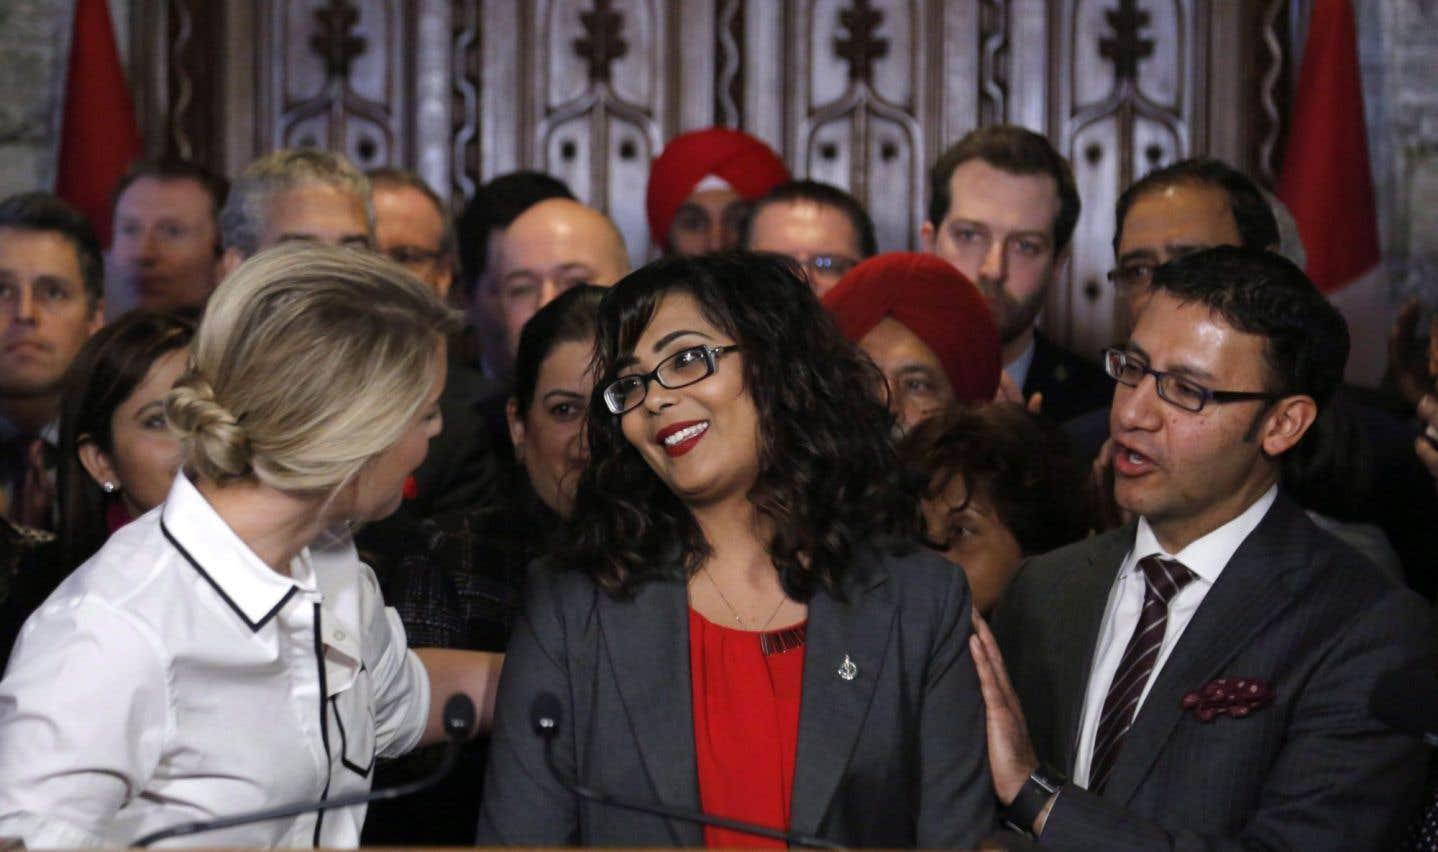 La motion controversée contre l'islamophobie est adoptée à Ottawa